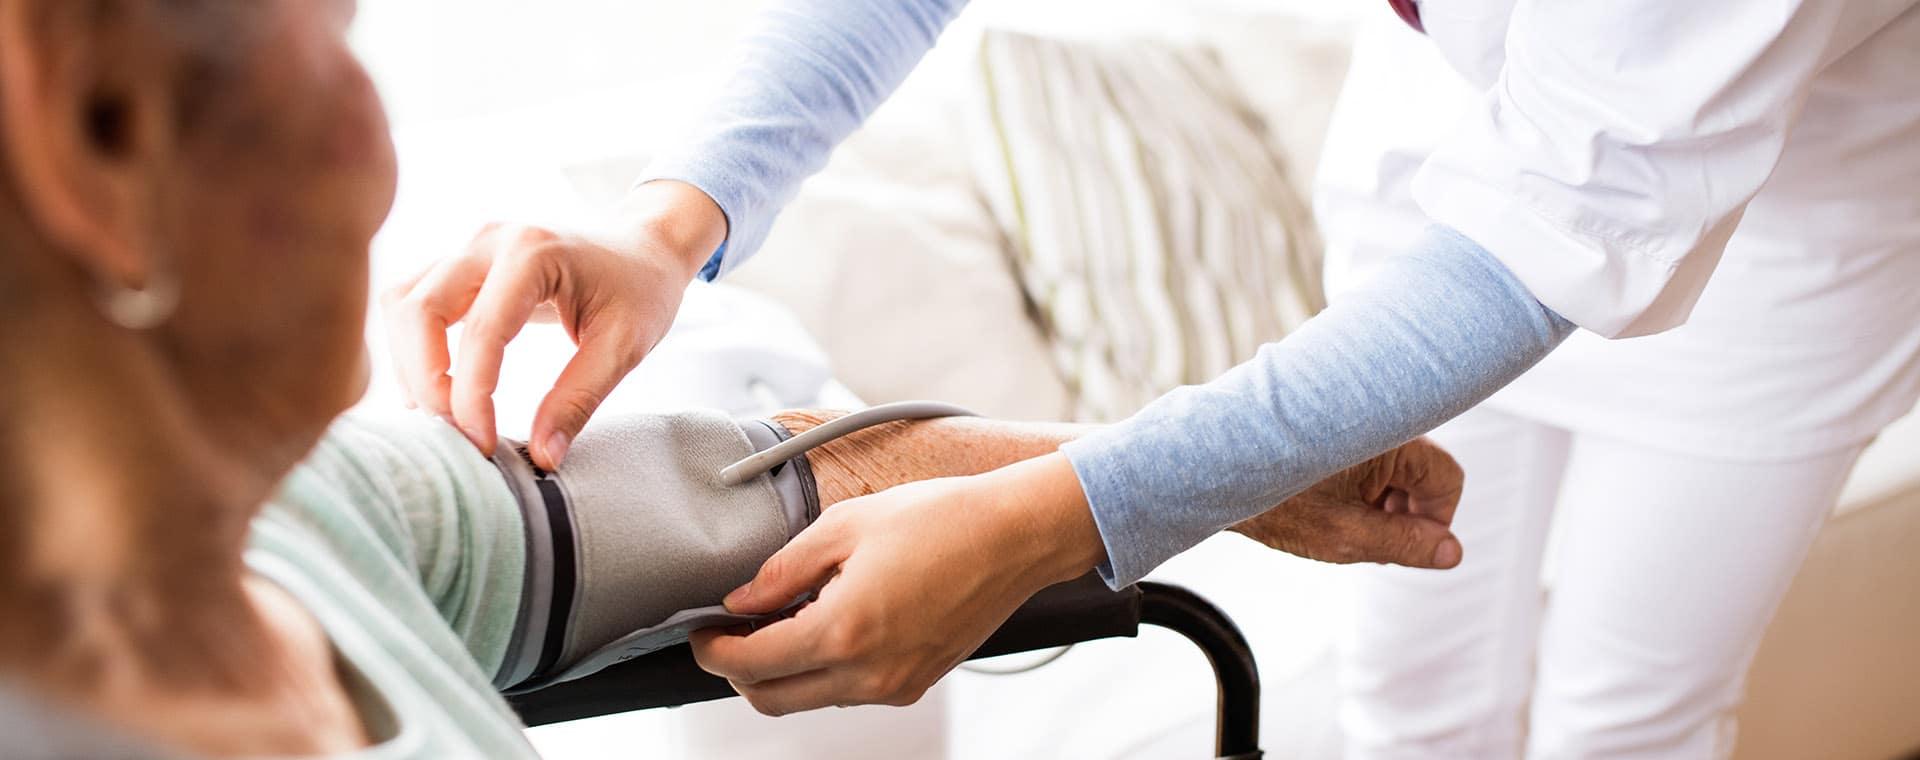 Hand und Herz - Pflegeleitbild